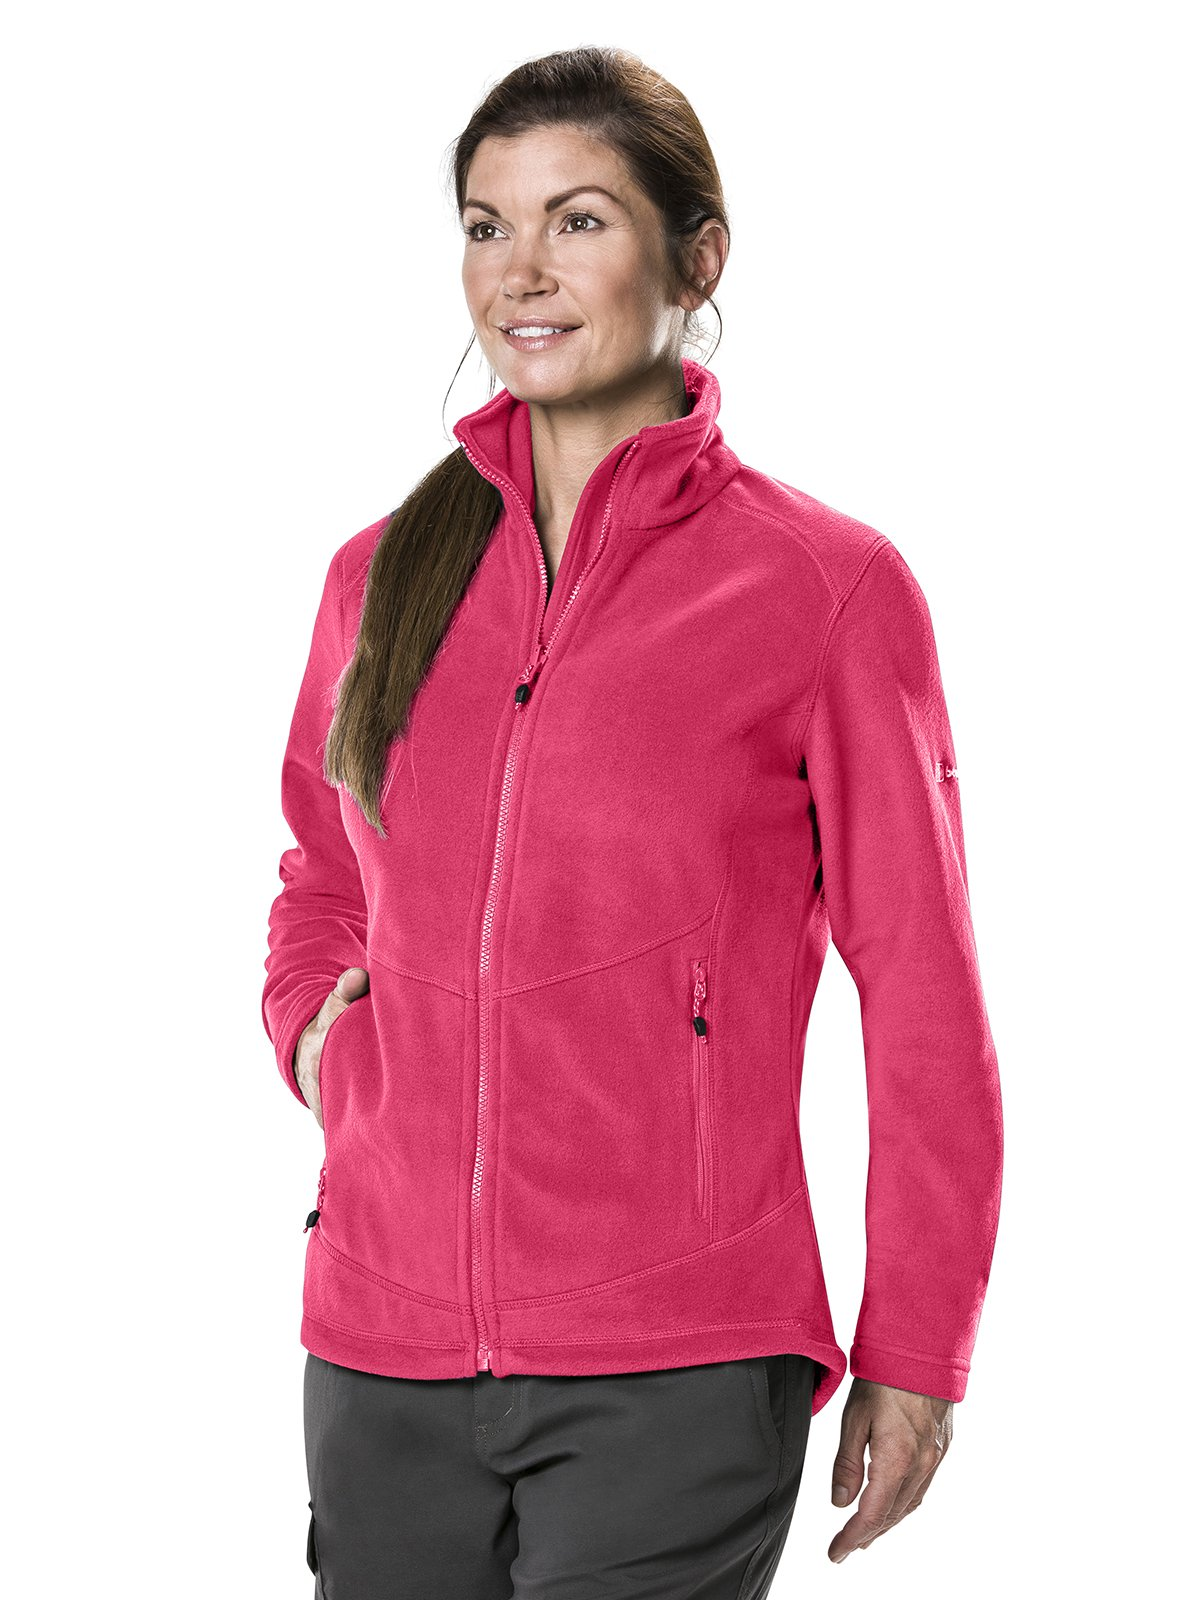 71MR1w14zAL - Berghaus Prism 2.0 Women's Fleece Jacket